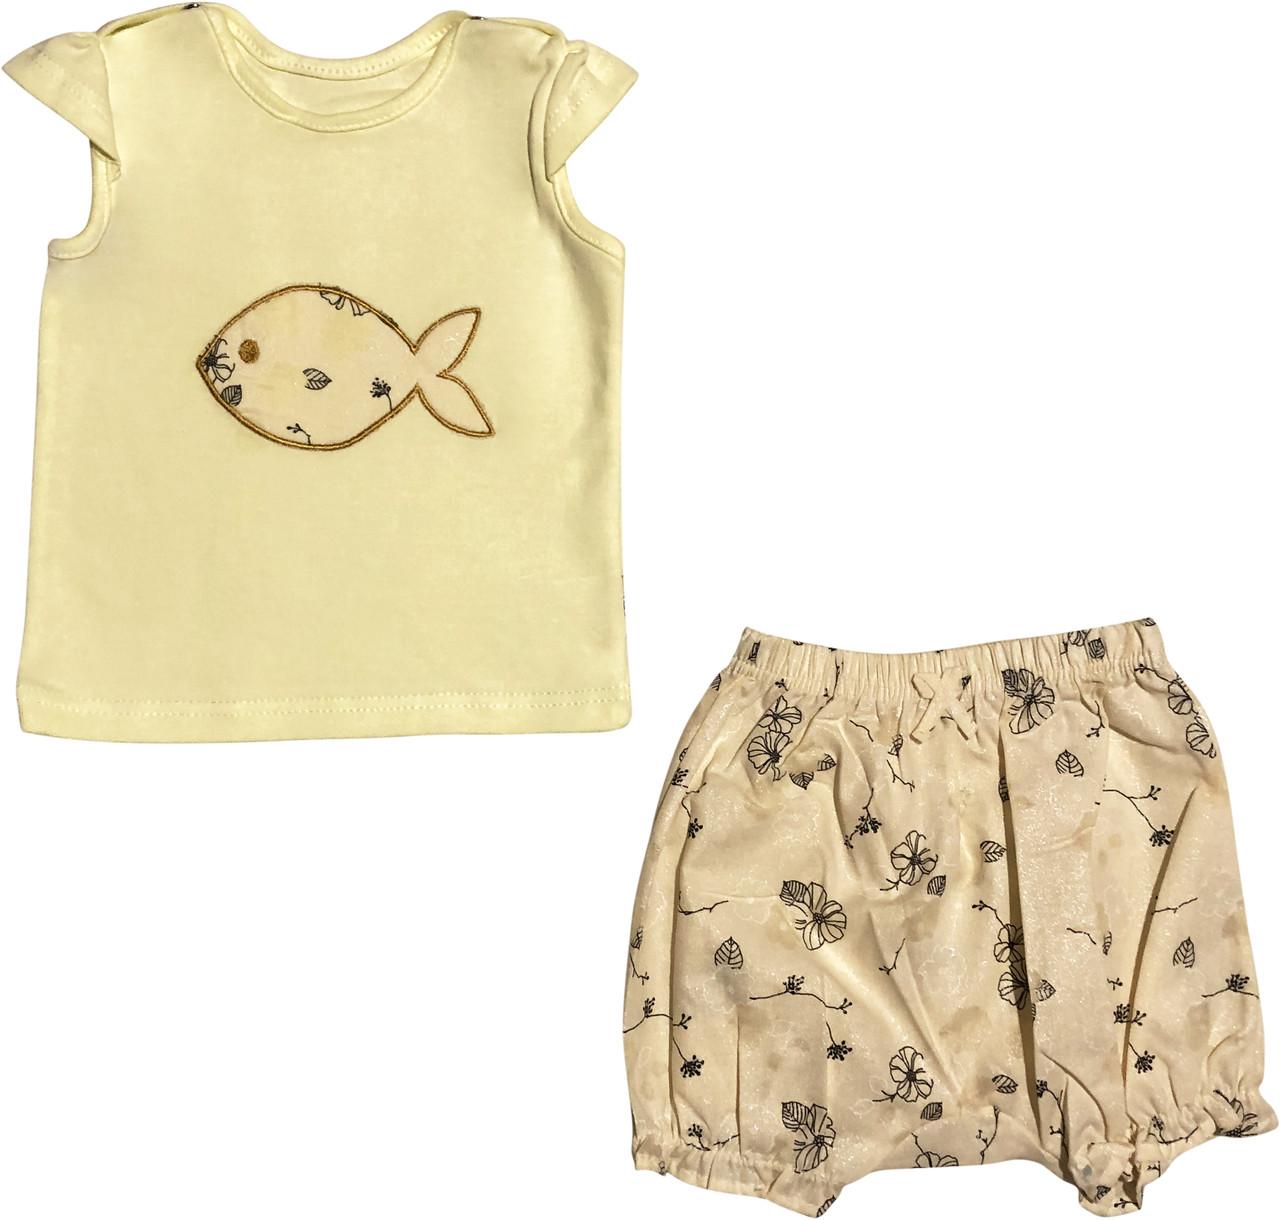 Літній костюм на дівчинку зріст 74 6-9 міс для новонароджених комплект футболка і шорти дитячий літо жовтий